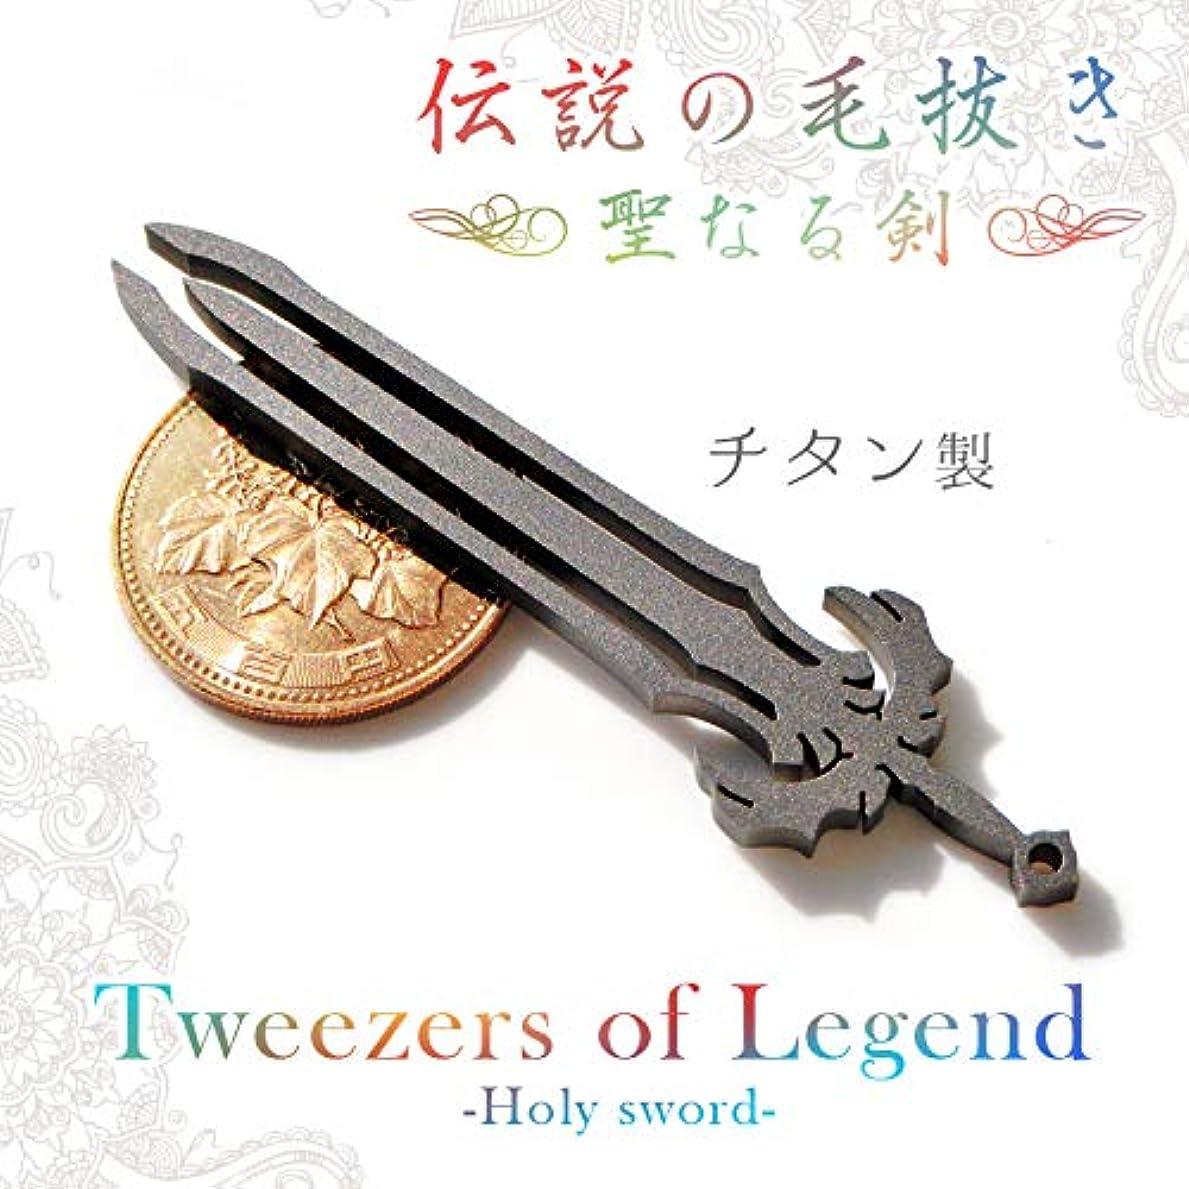 開拓者うっかり芽伝説の毛抜き-聖なる剣-【超精密加工仕上げ】